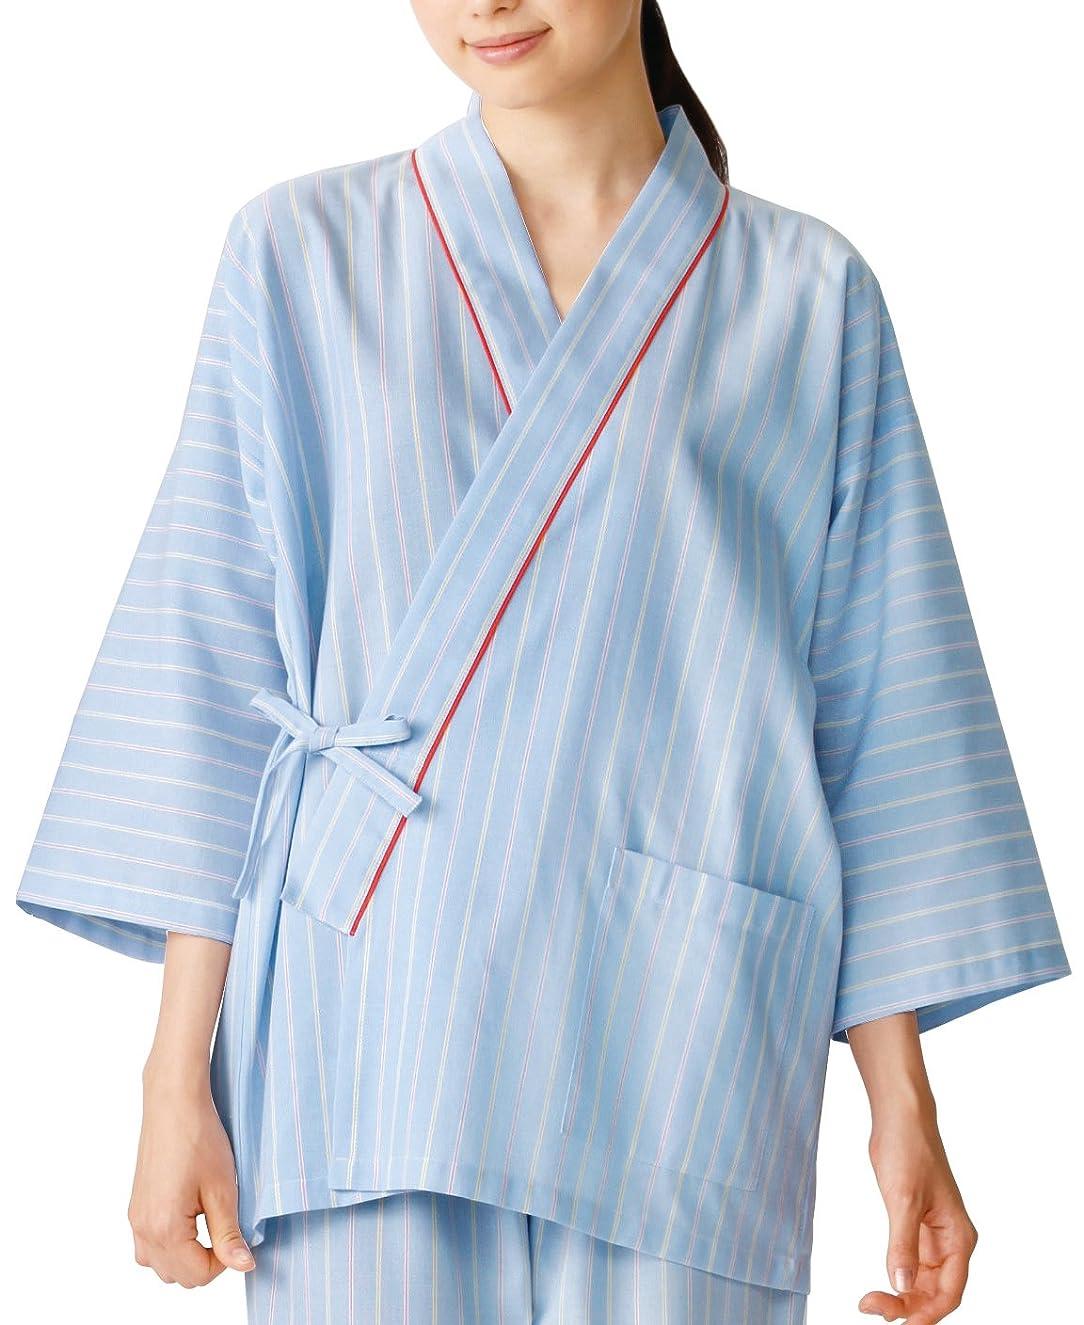 大通り子供達別れる医療/介護施設用  患者衣上衣(甚平型) KAZEN  サイズ:3L 285-98